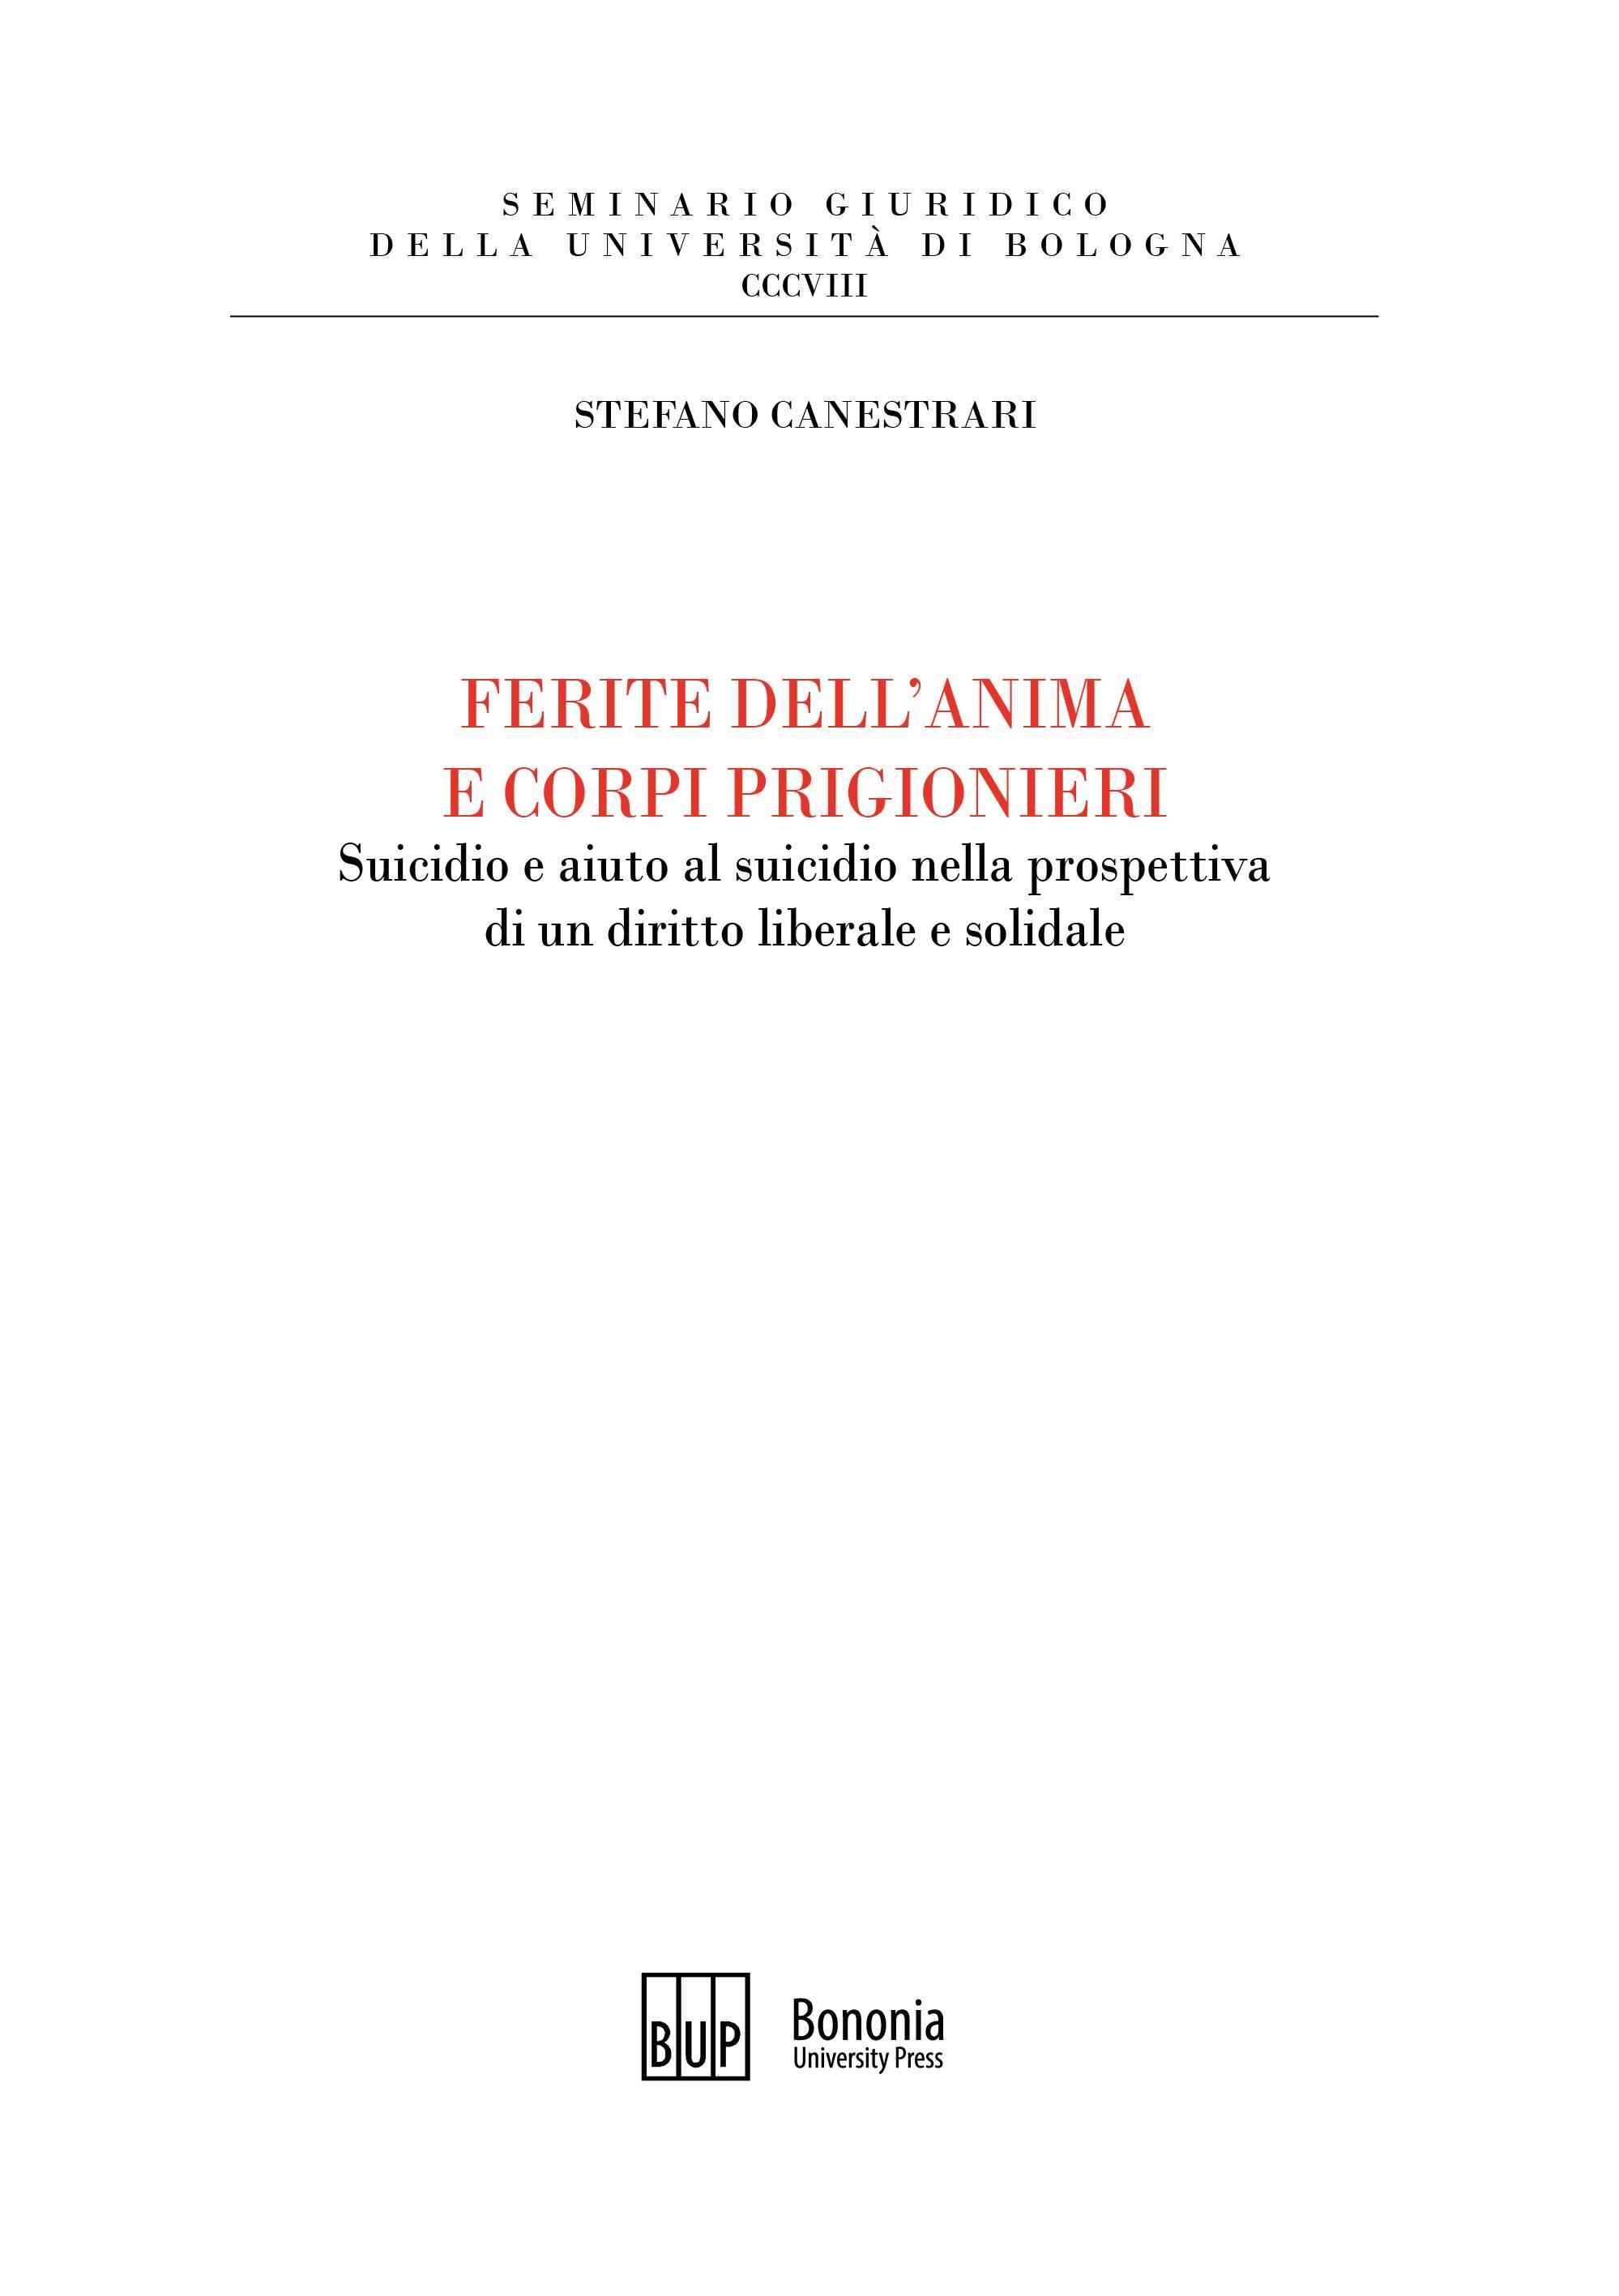 Ferite dell'anima e corpi prigionieri - Bononia University Press